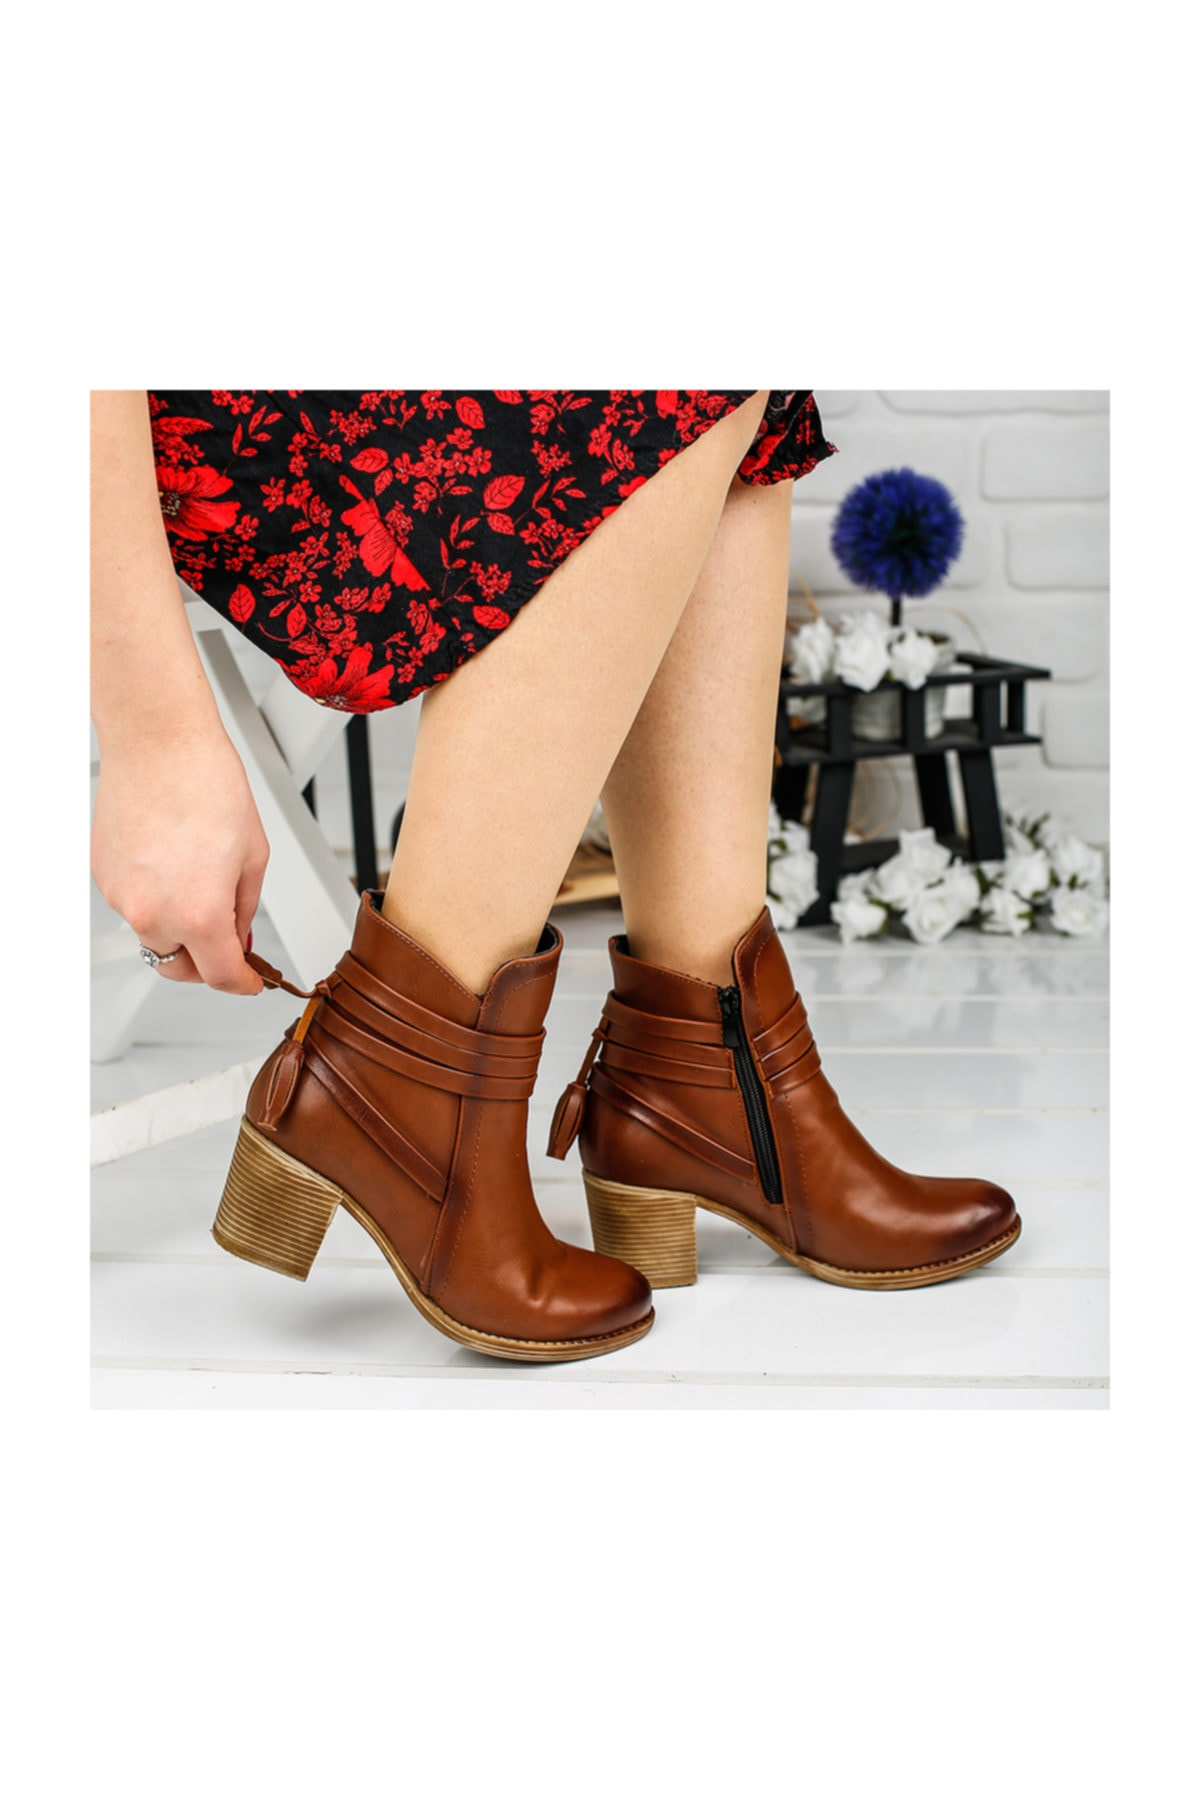 Ayakland 8422-832 Taba 6cm Topuk Bayan Bot Cilt Ayakkabı 1